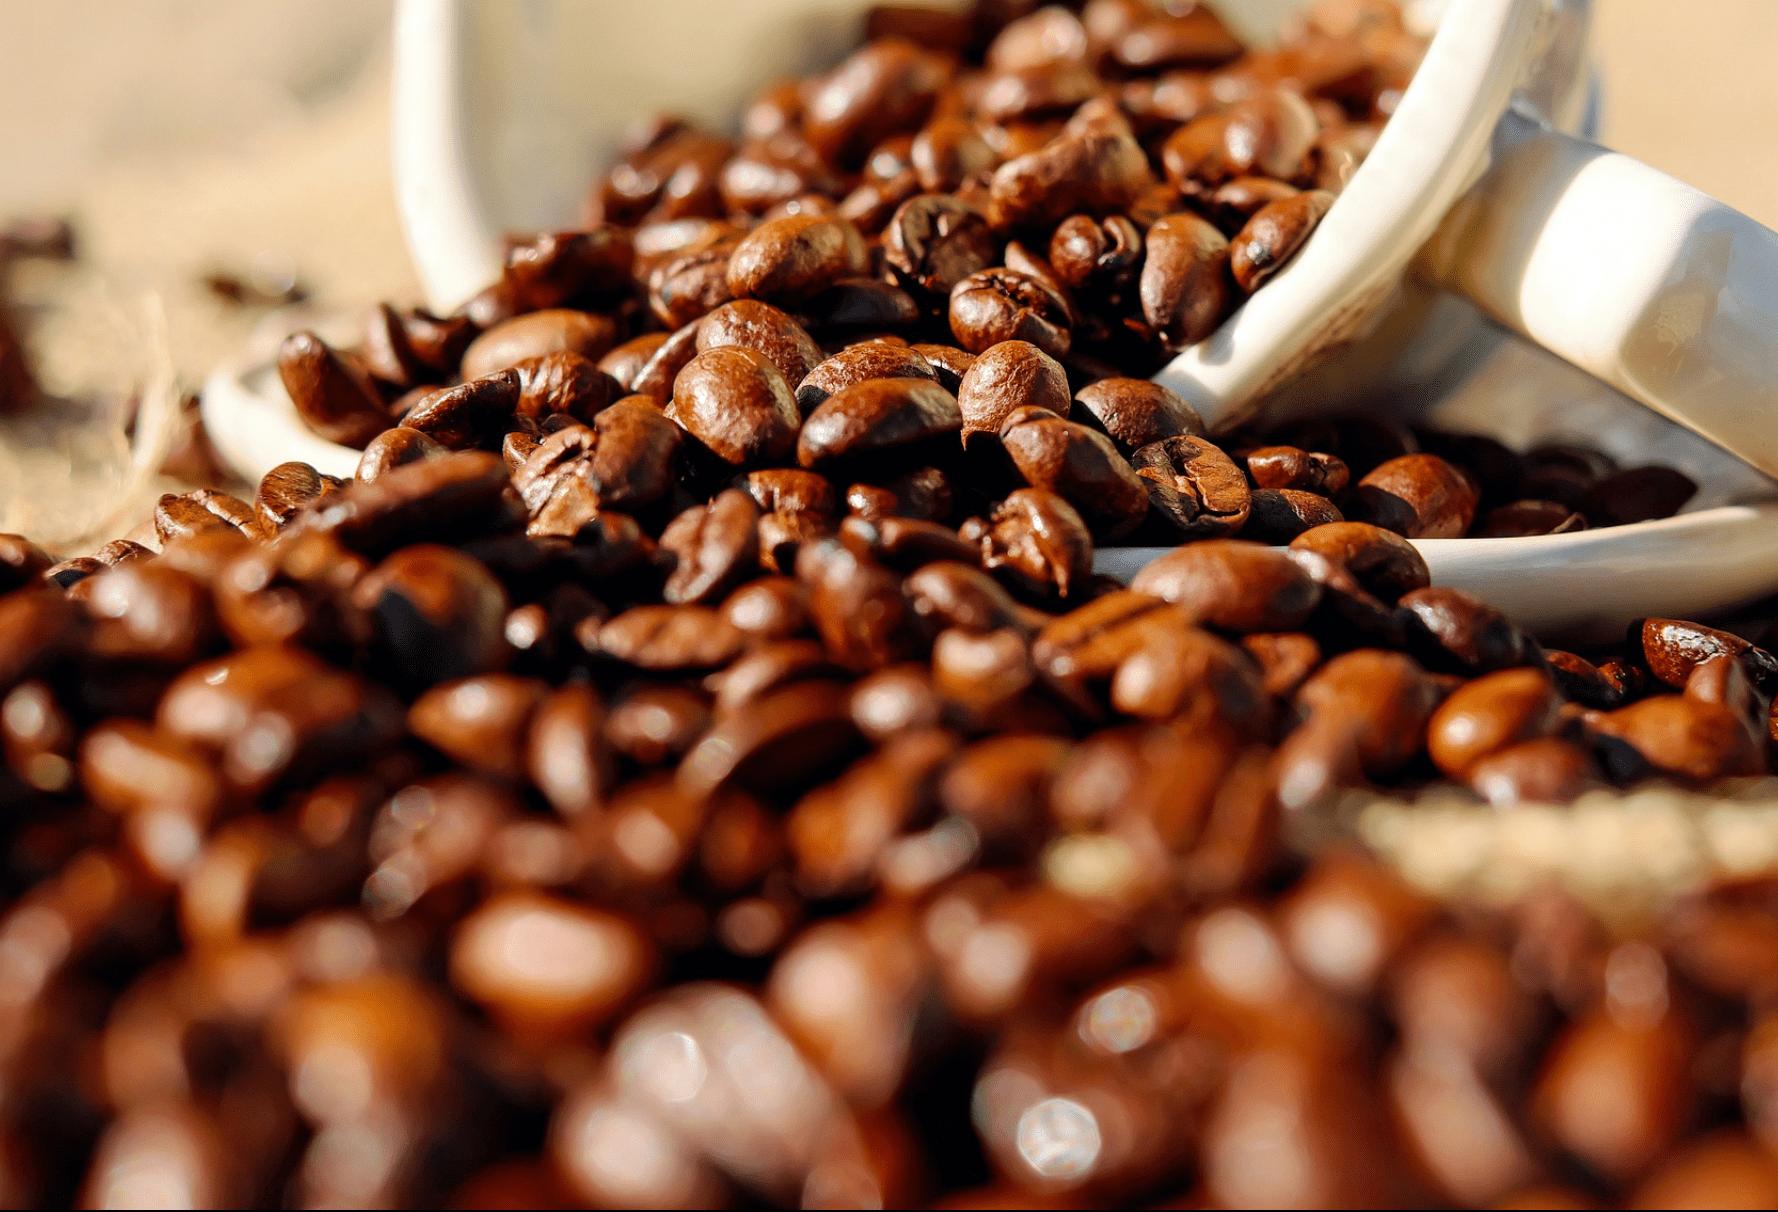 Brasil exporta 41,1 milhões de sacas de café no ano safra 2018/19 e bate recorde